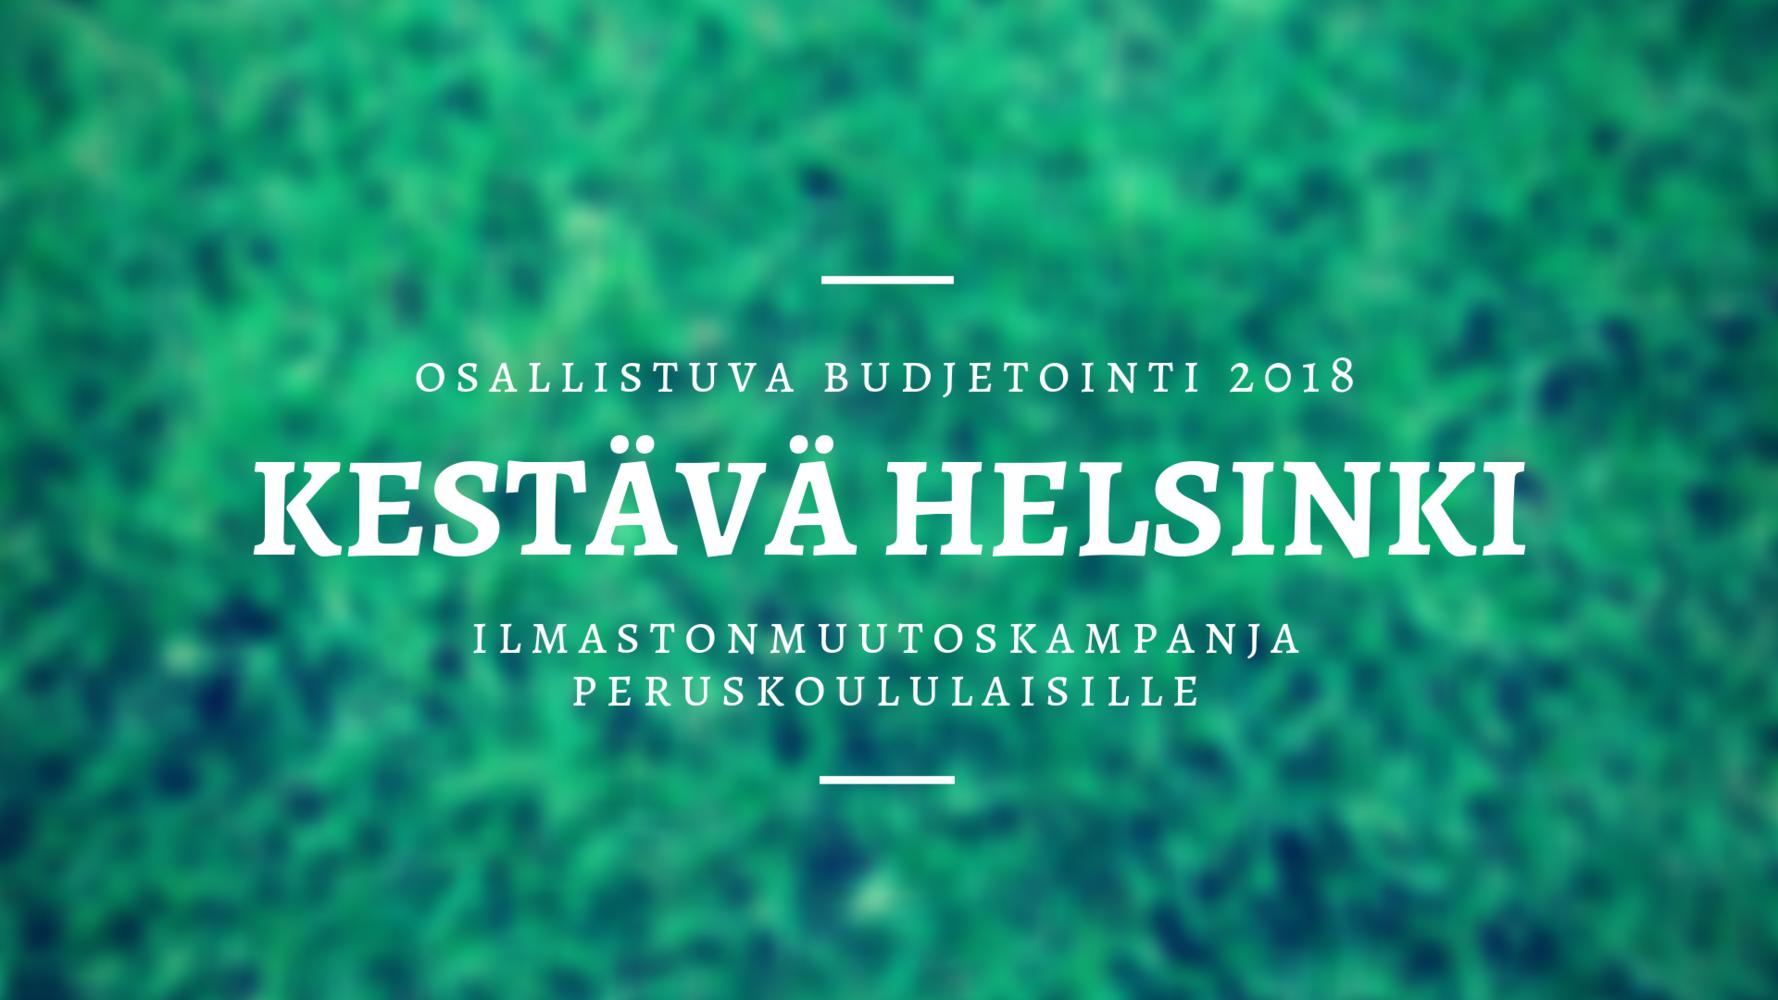 Kestävä Helsinki -ilmastonmuutoskampanja Helsingin peruskoululaisille